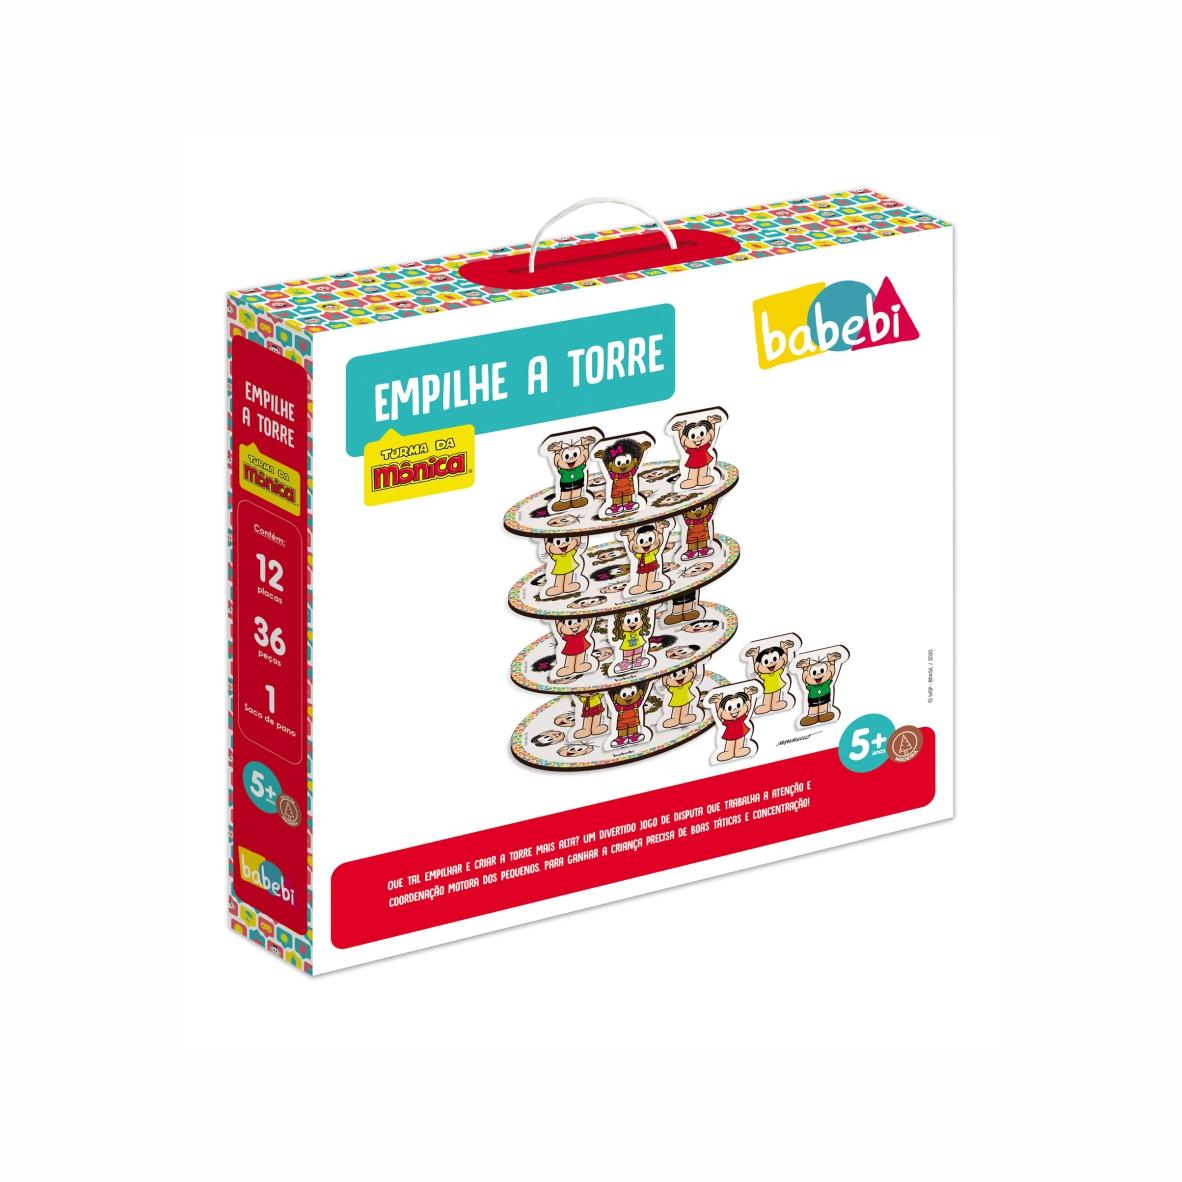 jogo-empilhe-a-torre-turma-da-monica-babebi